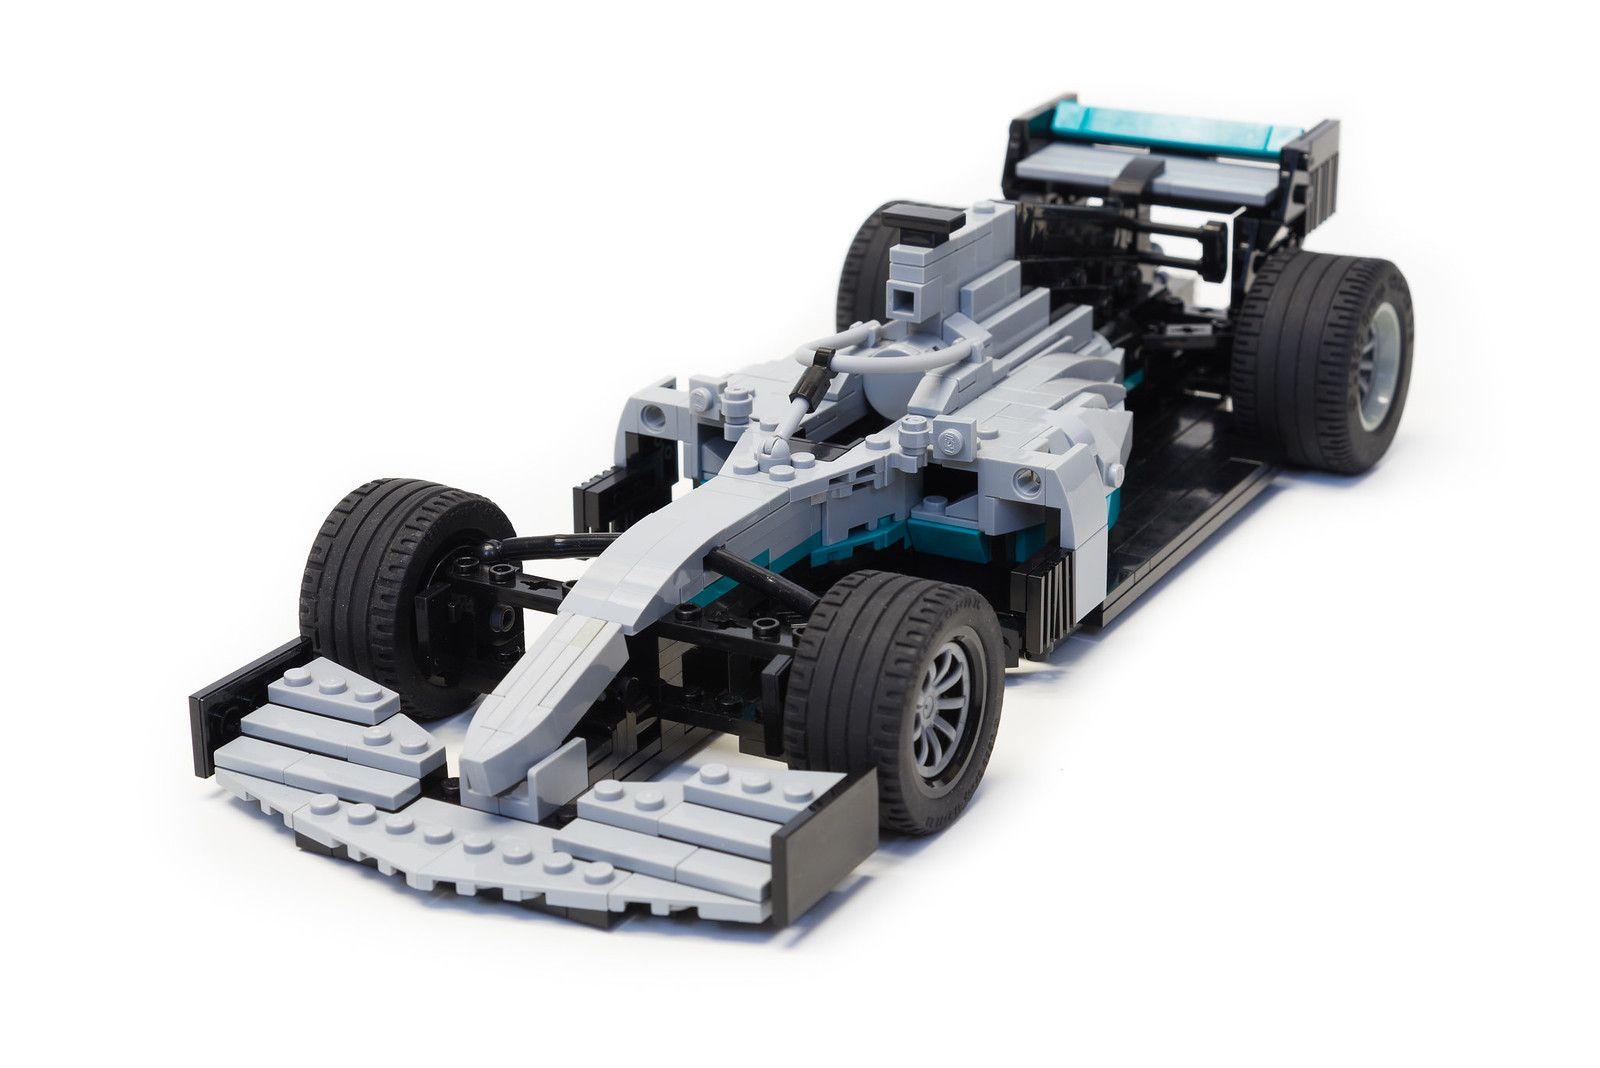 Mercedes Amg F1 W10 Eq Power 1 In 2020 Lego Cars Lego Mercedes Amg